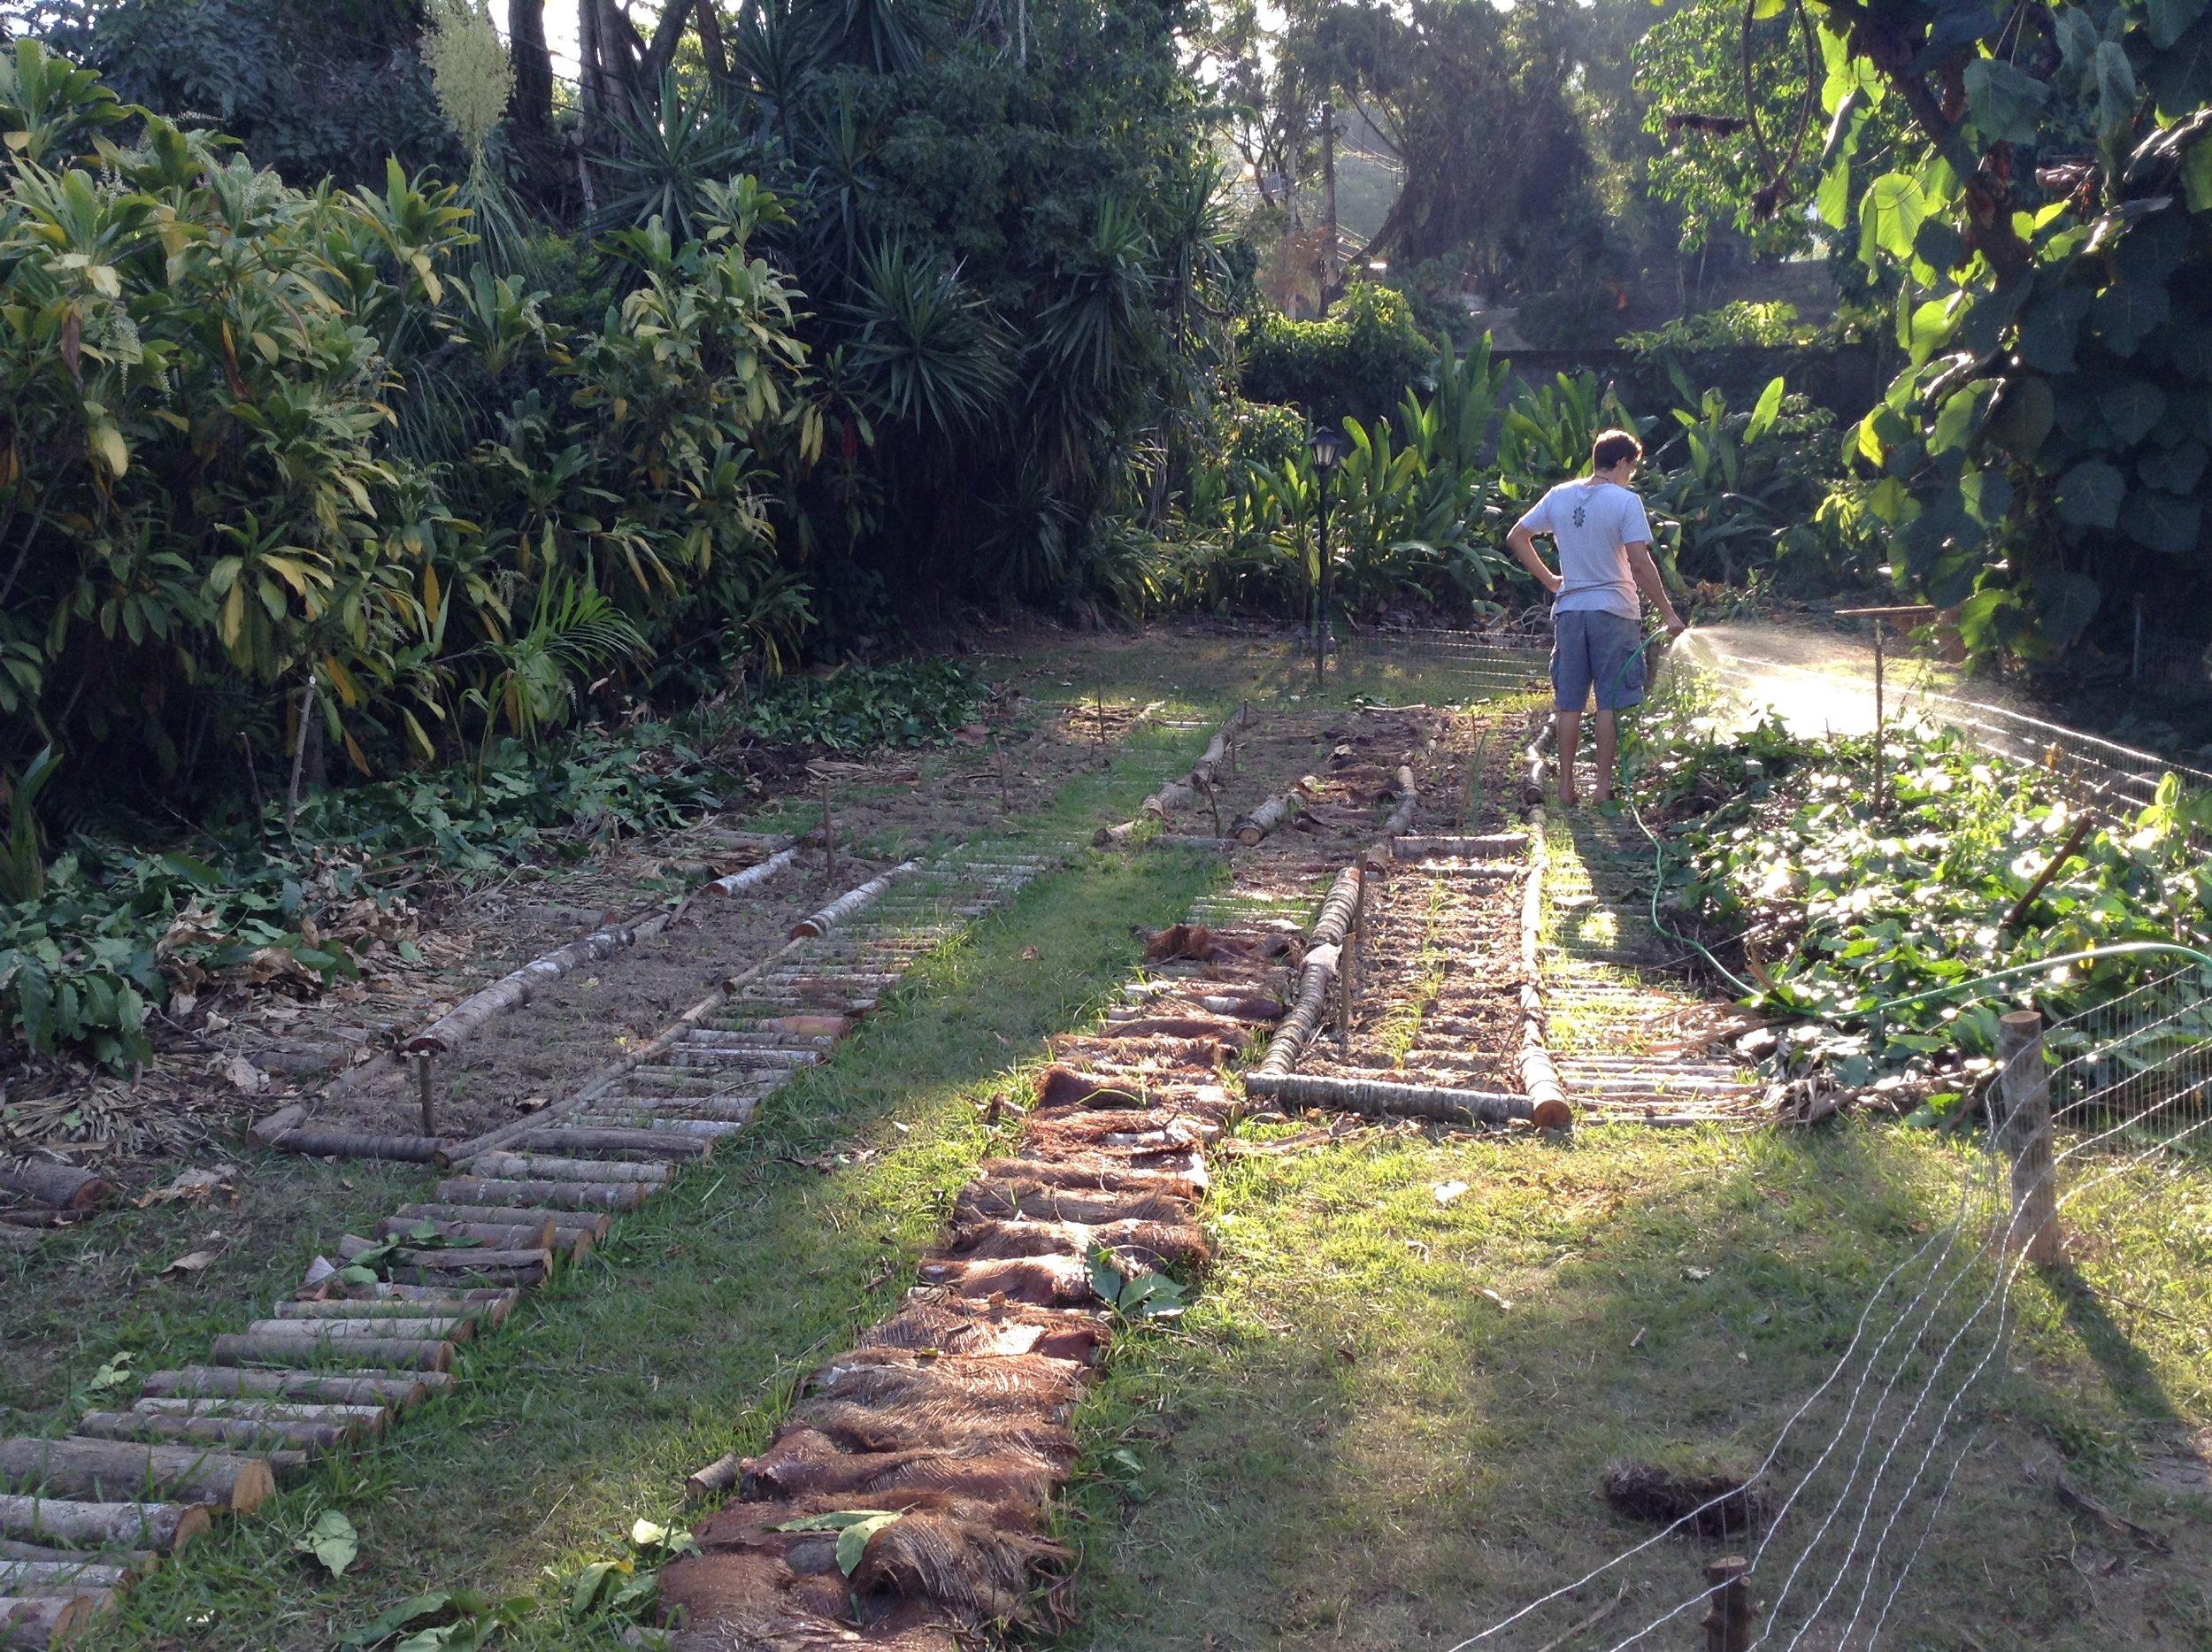 Preparando o terreno